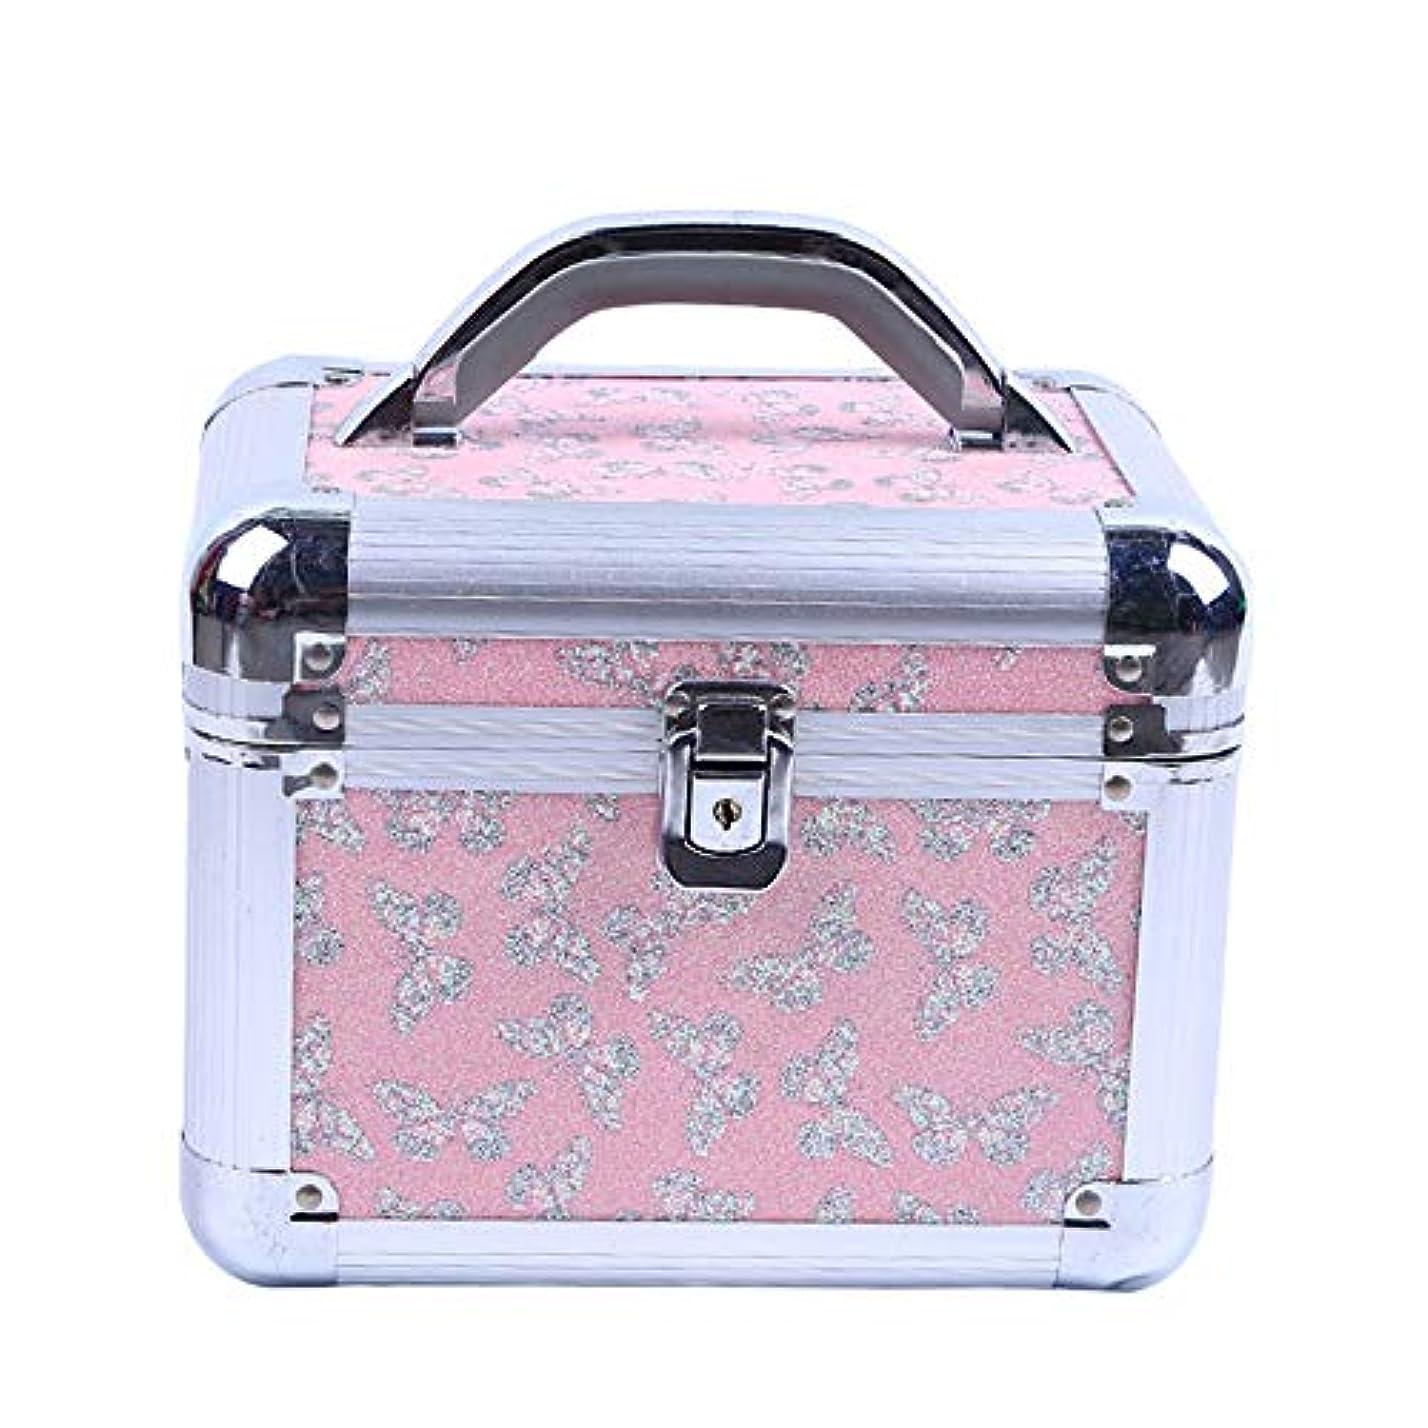 お茶聖人知覚する化粧オーガナイザーバッグ 美容メイクアップと女性の女性のためのポータブルメイクトレインケース旅行とロック付きアルミフレームと毎日のストレージ 化粧品ケース